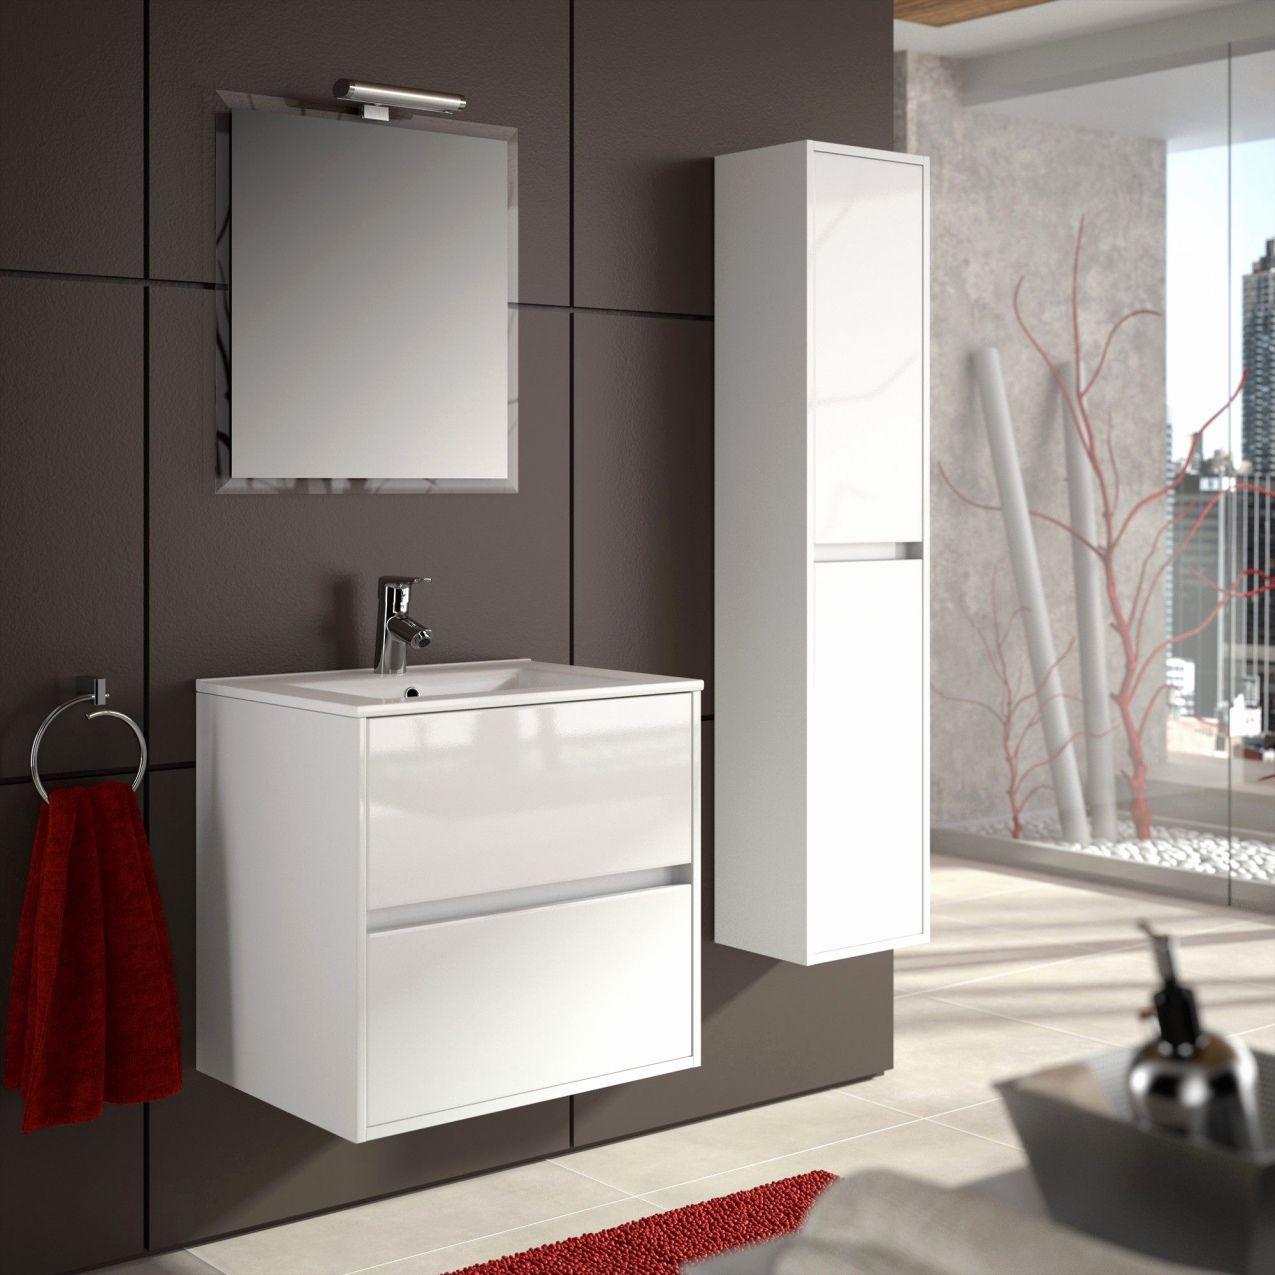 99 Placard Sous Pente Brico Depot 2020 Bathroom Furniture Modern Bathroom Vanity Cabinets Bathroom Vanity